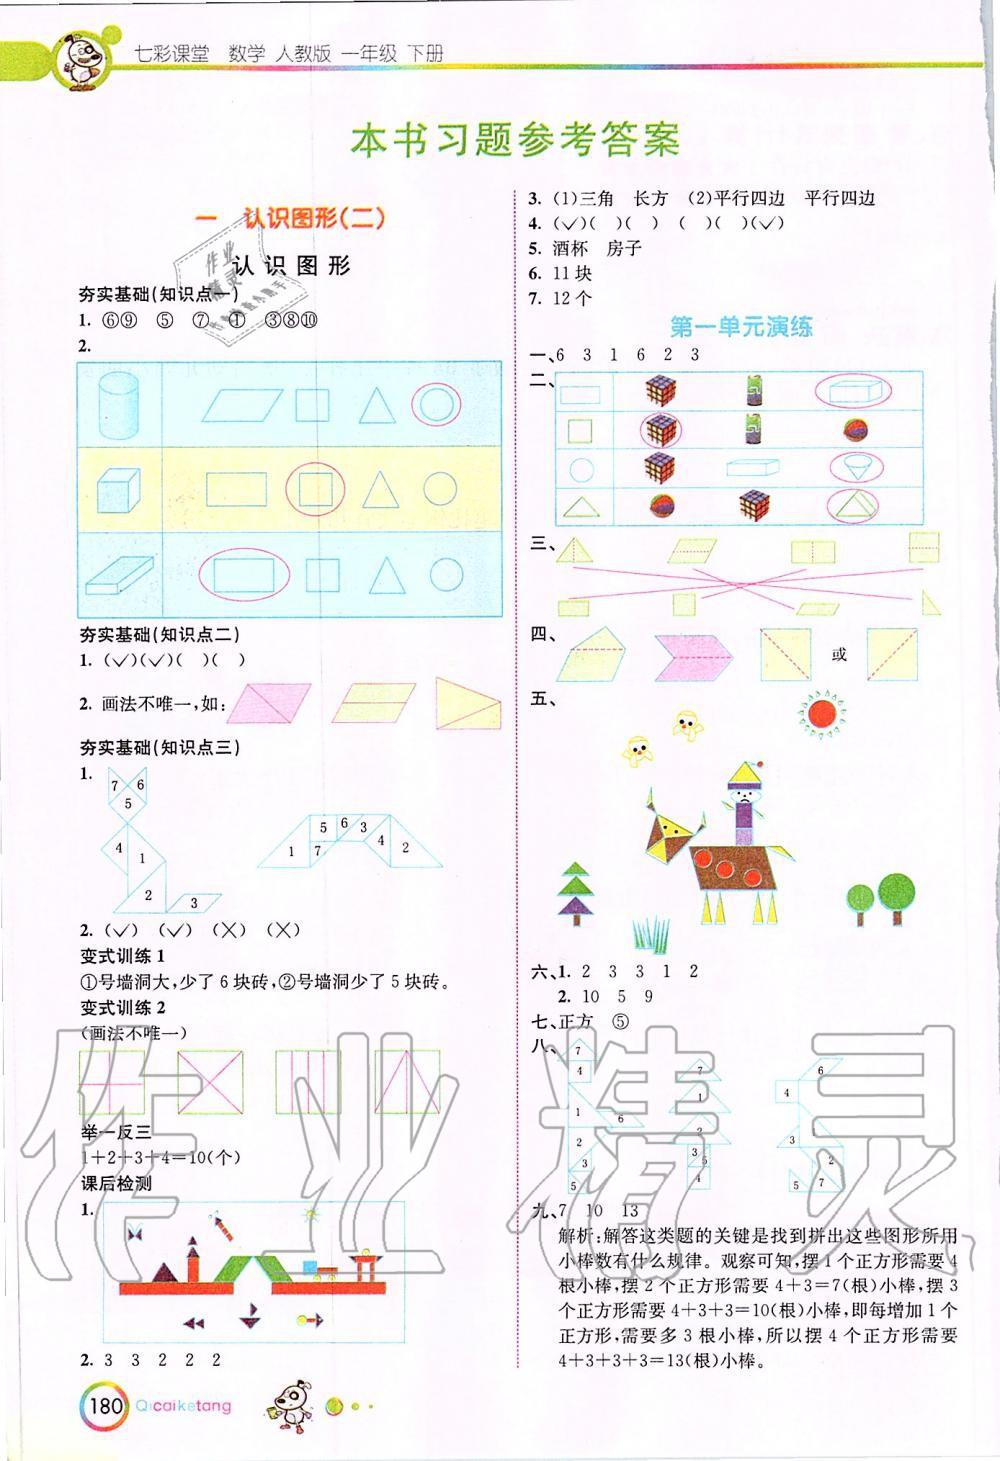 2020年七彩课堂一年级数学下册人教版第1页